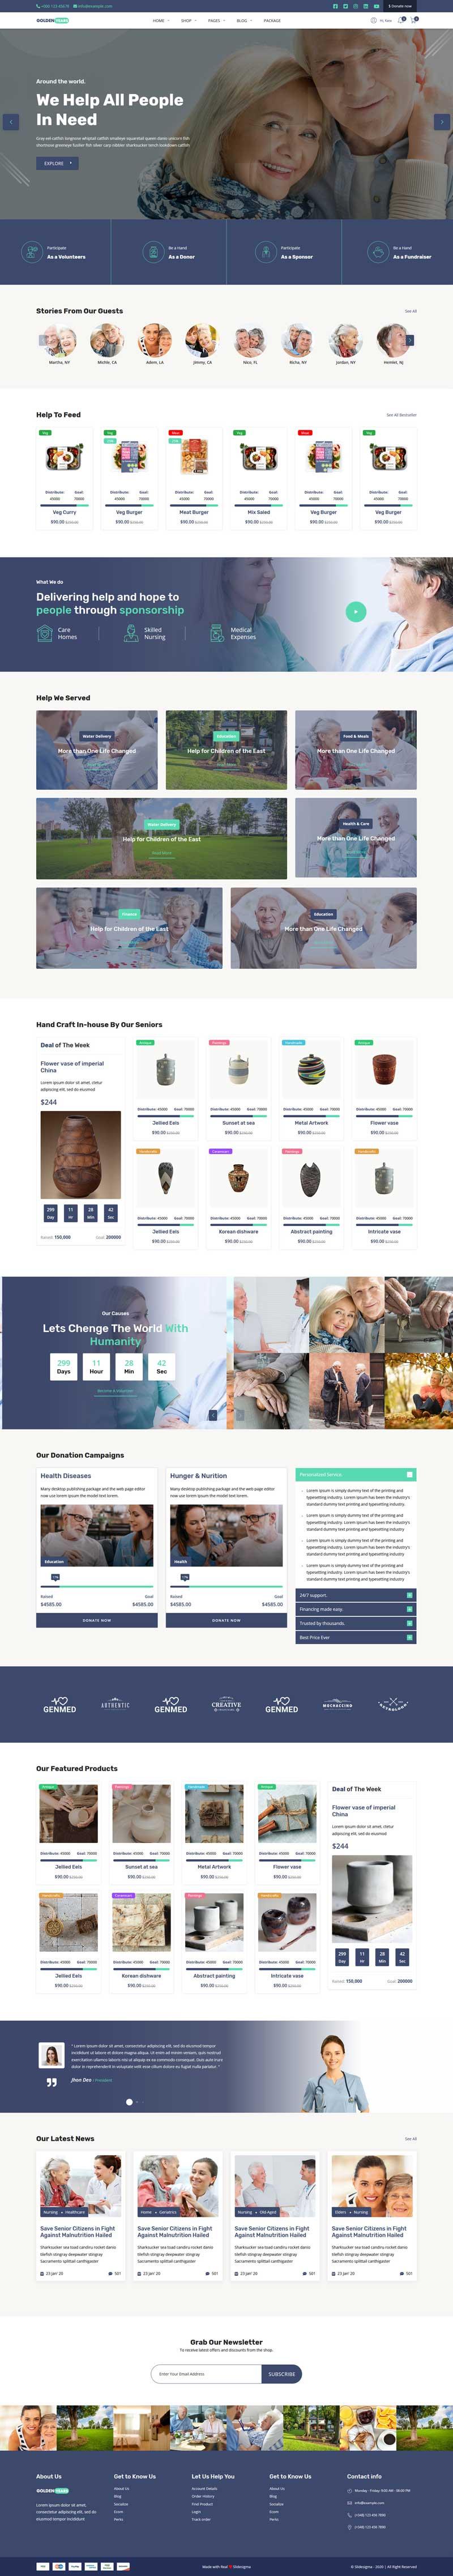 养老健康护理机构官网html模板